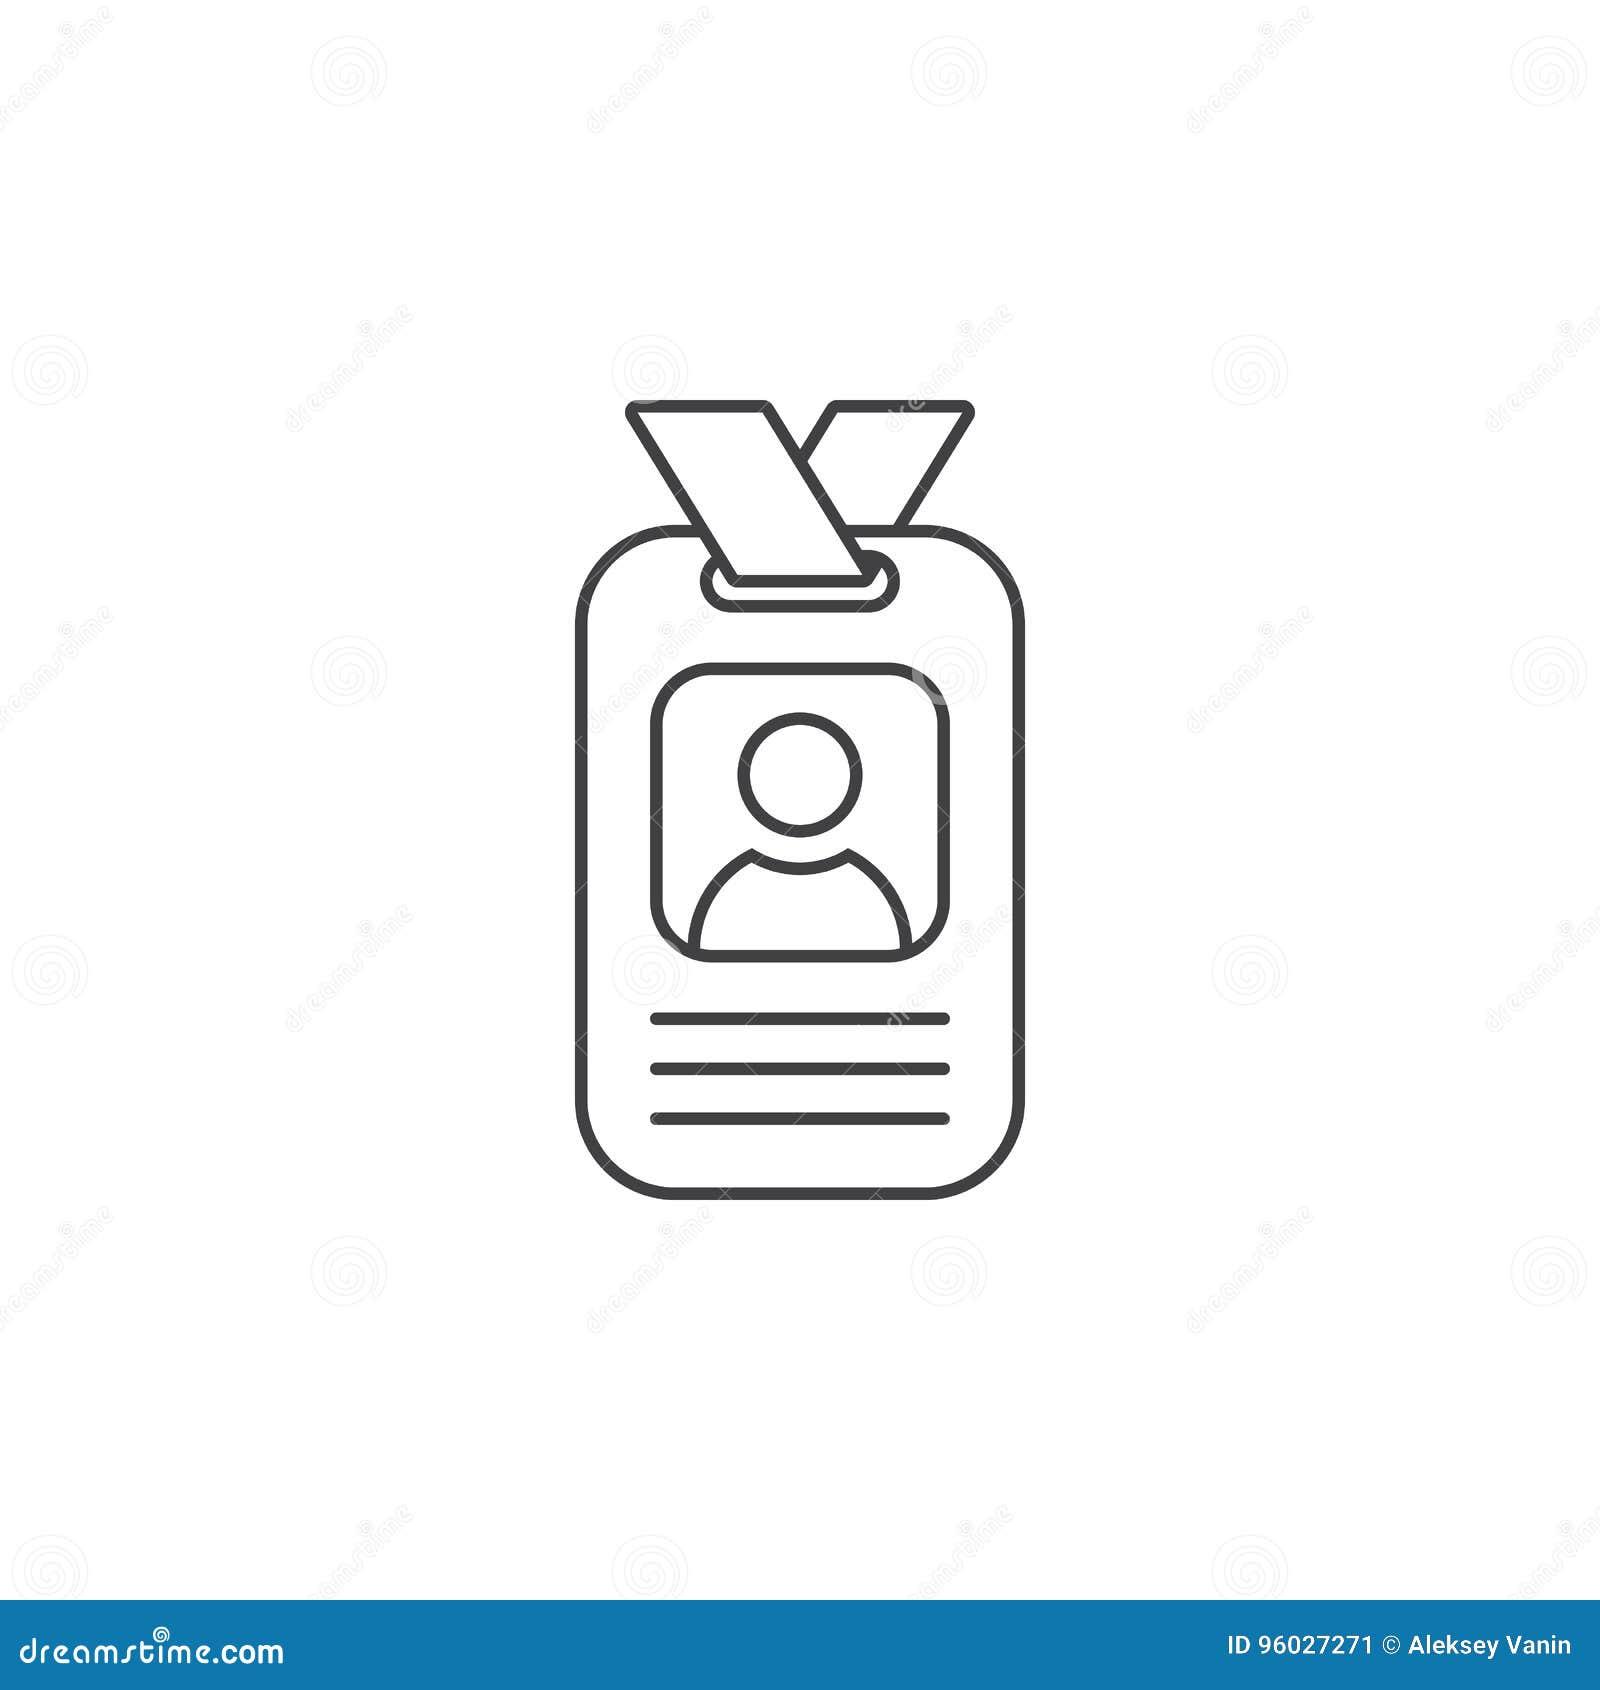 Odznaki cienka kreskowa ikona, karta identyfikacyjna konturu wektorowy logo il